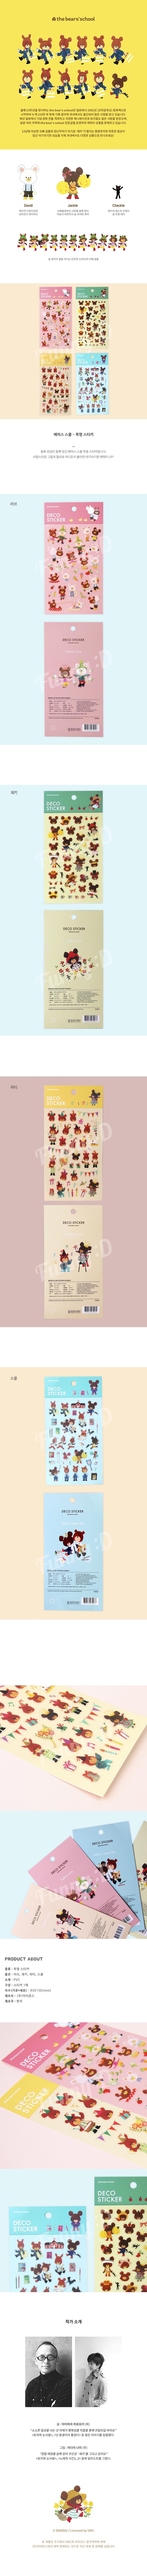 베어스스쿨 재키 투명 스티커 - 슈퍼8비트, 1,500원, 스티커, 캐릭터스티커